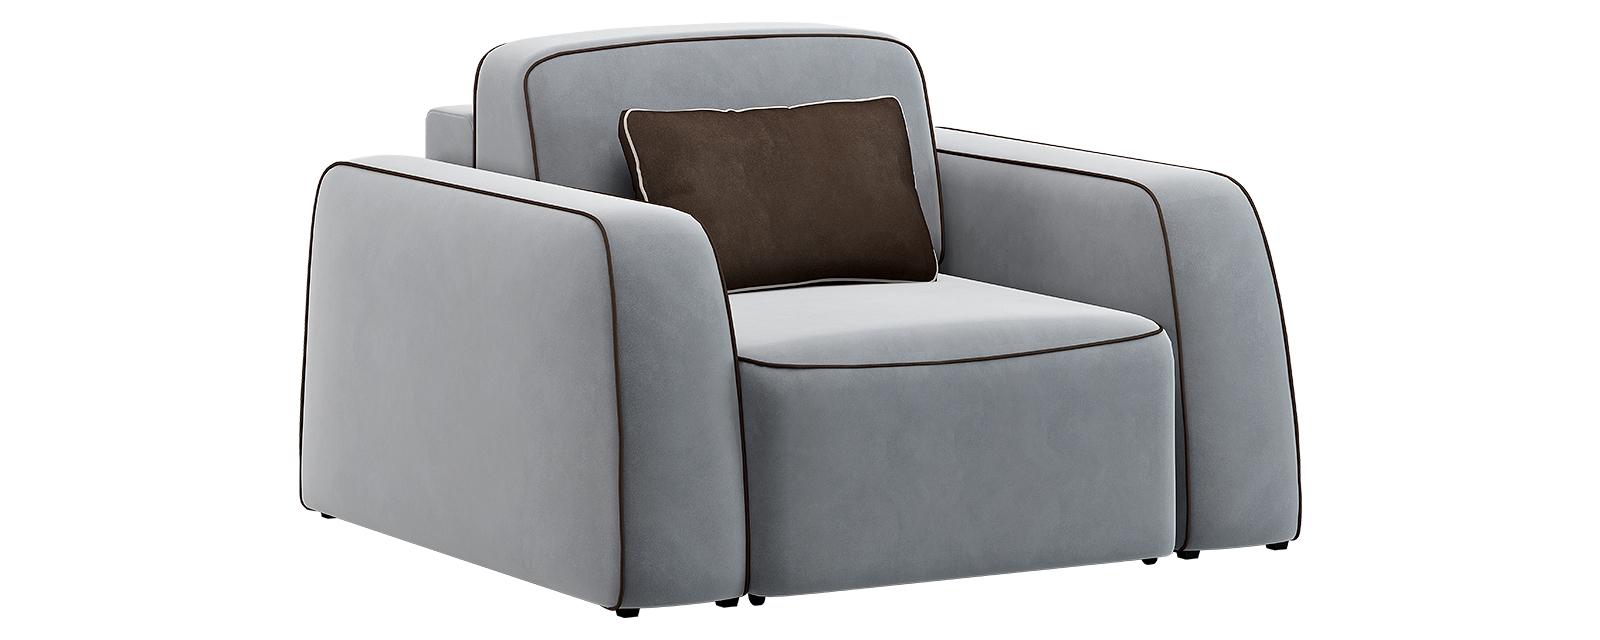 Кресло тканевое Портленд 80 см Velutto серый/тёмно-коричневый (Велюр) от HomeMe.ru